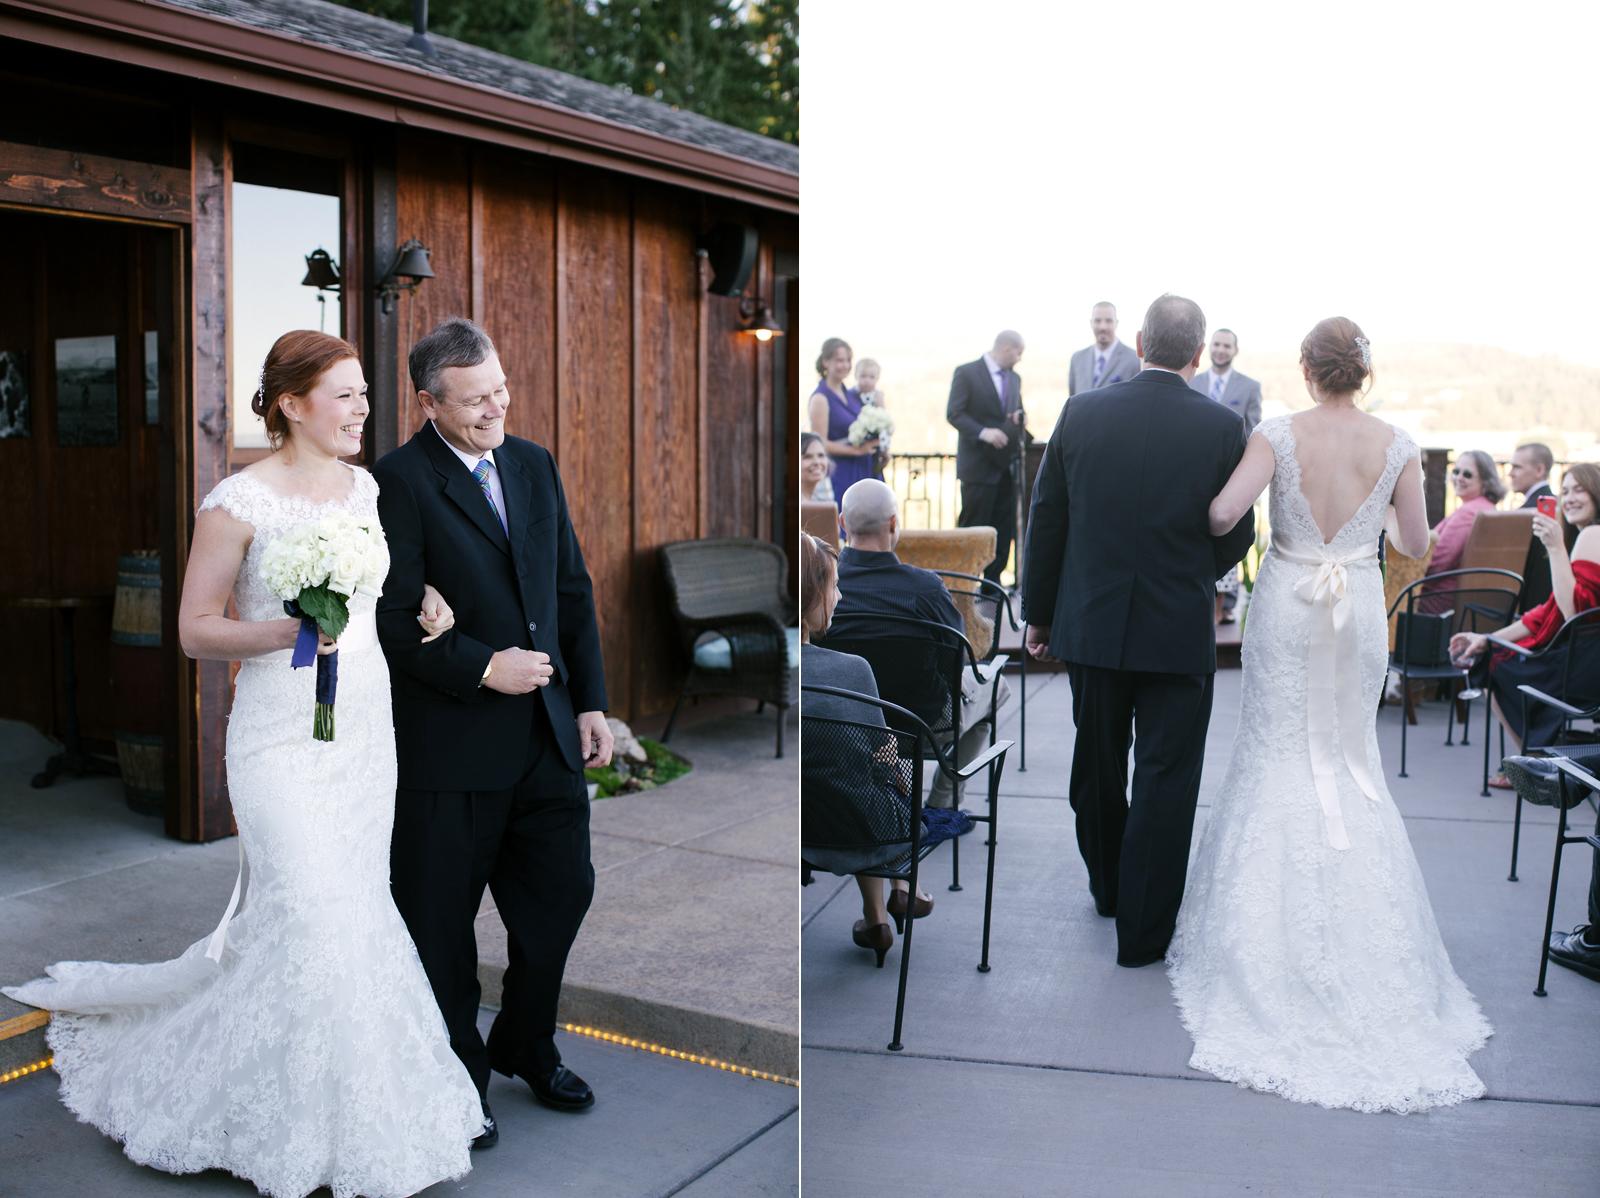 028-daronjackson-rich-wedding.jpg